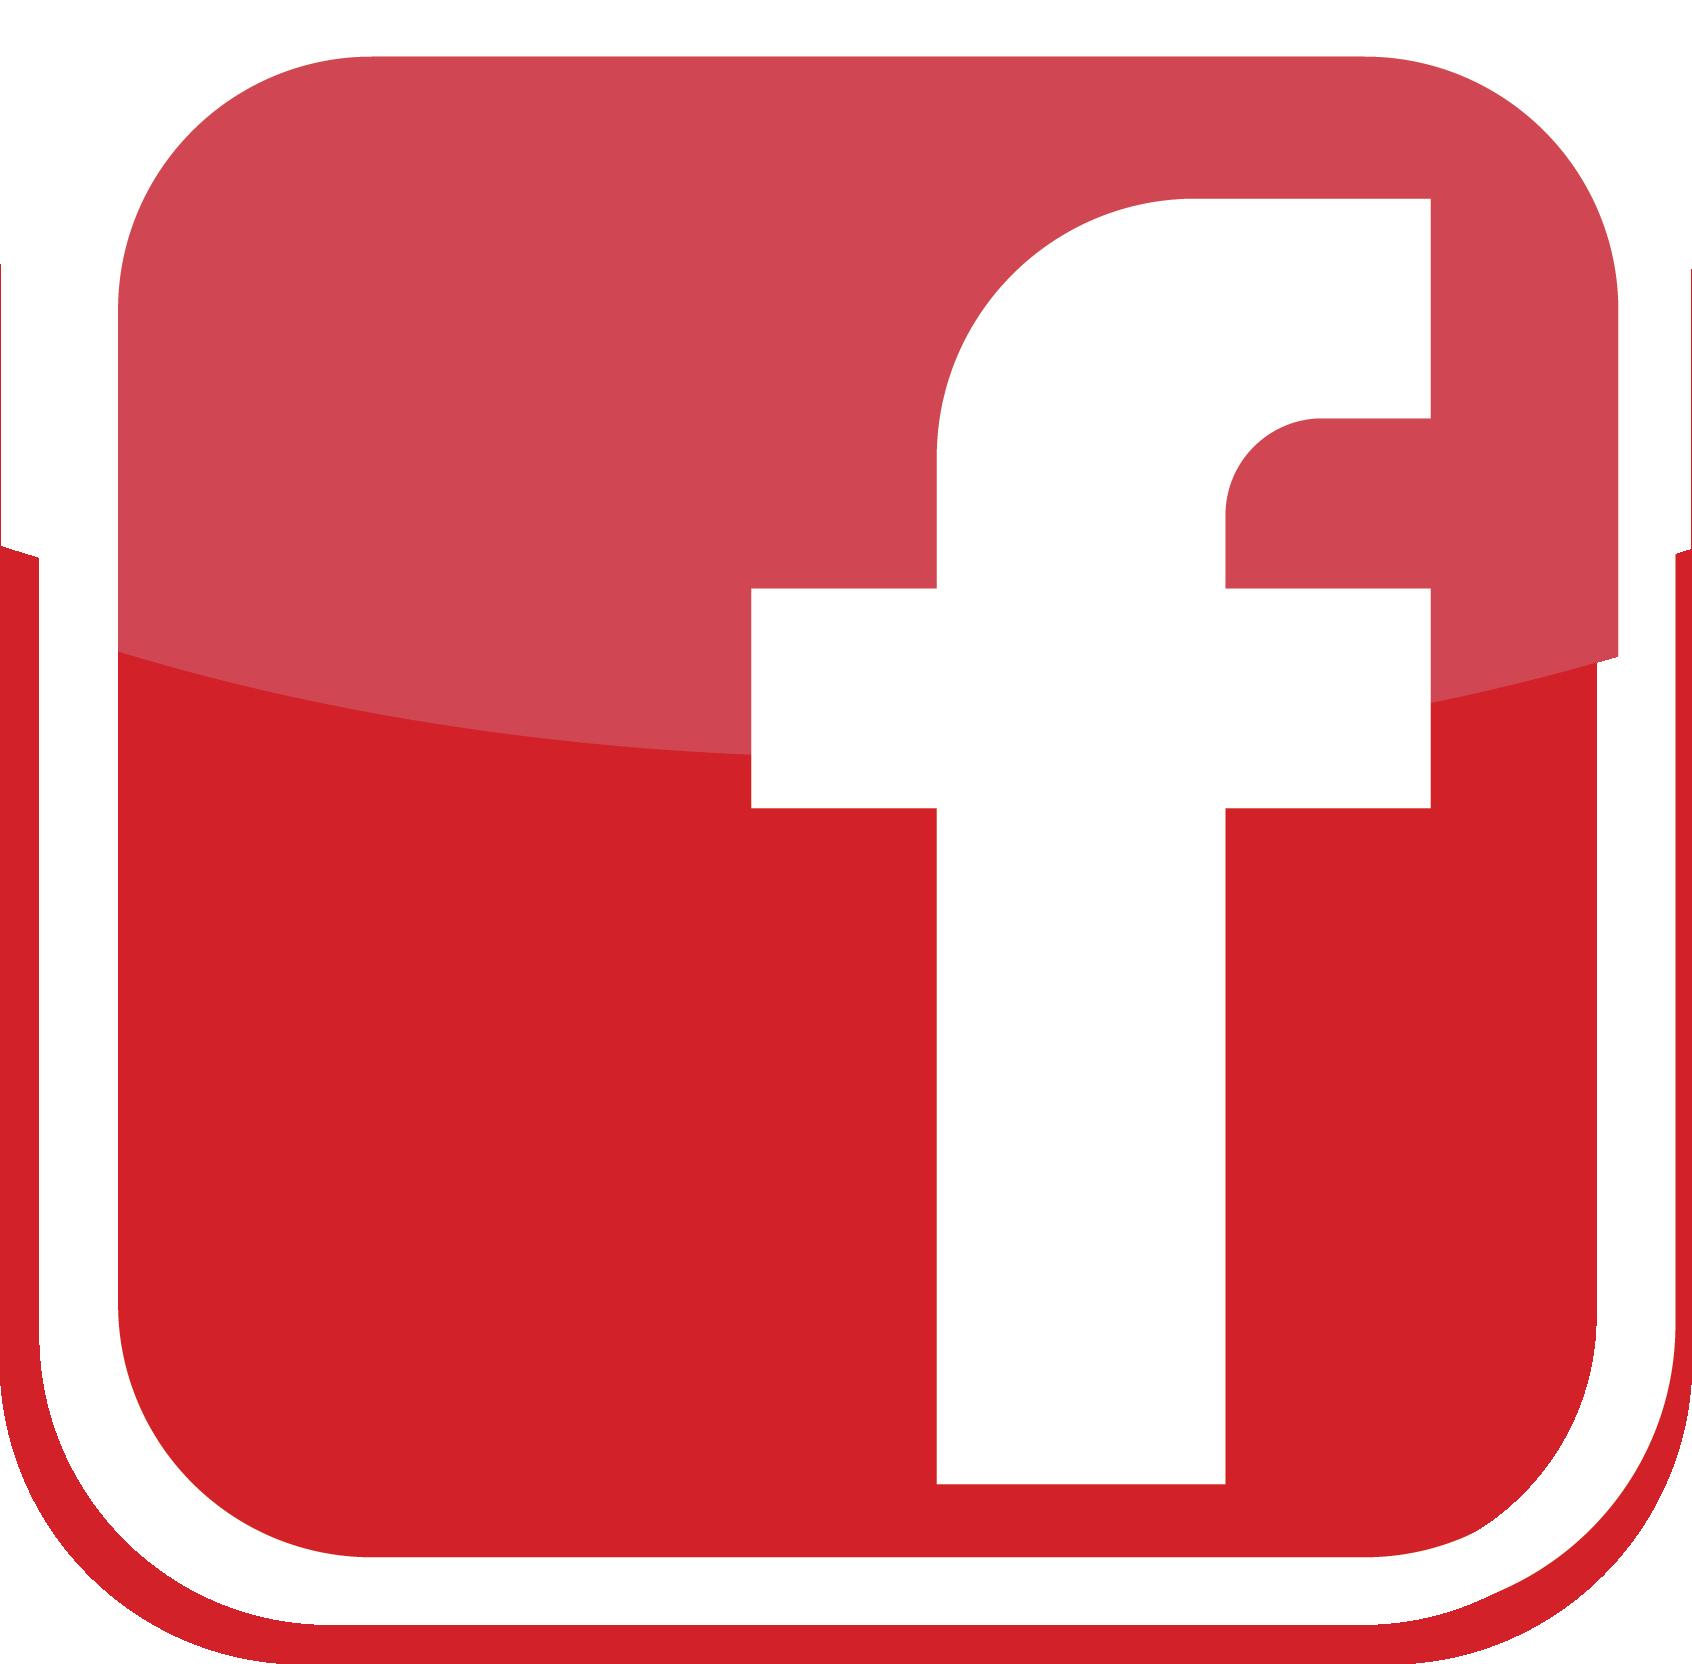 Red facebook Logos.